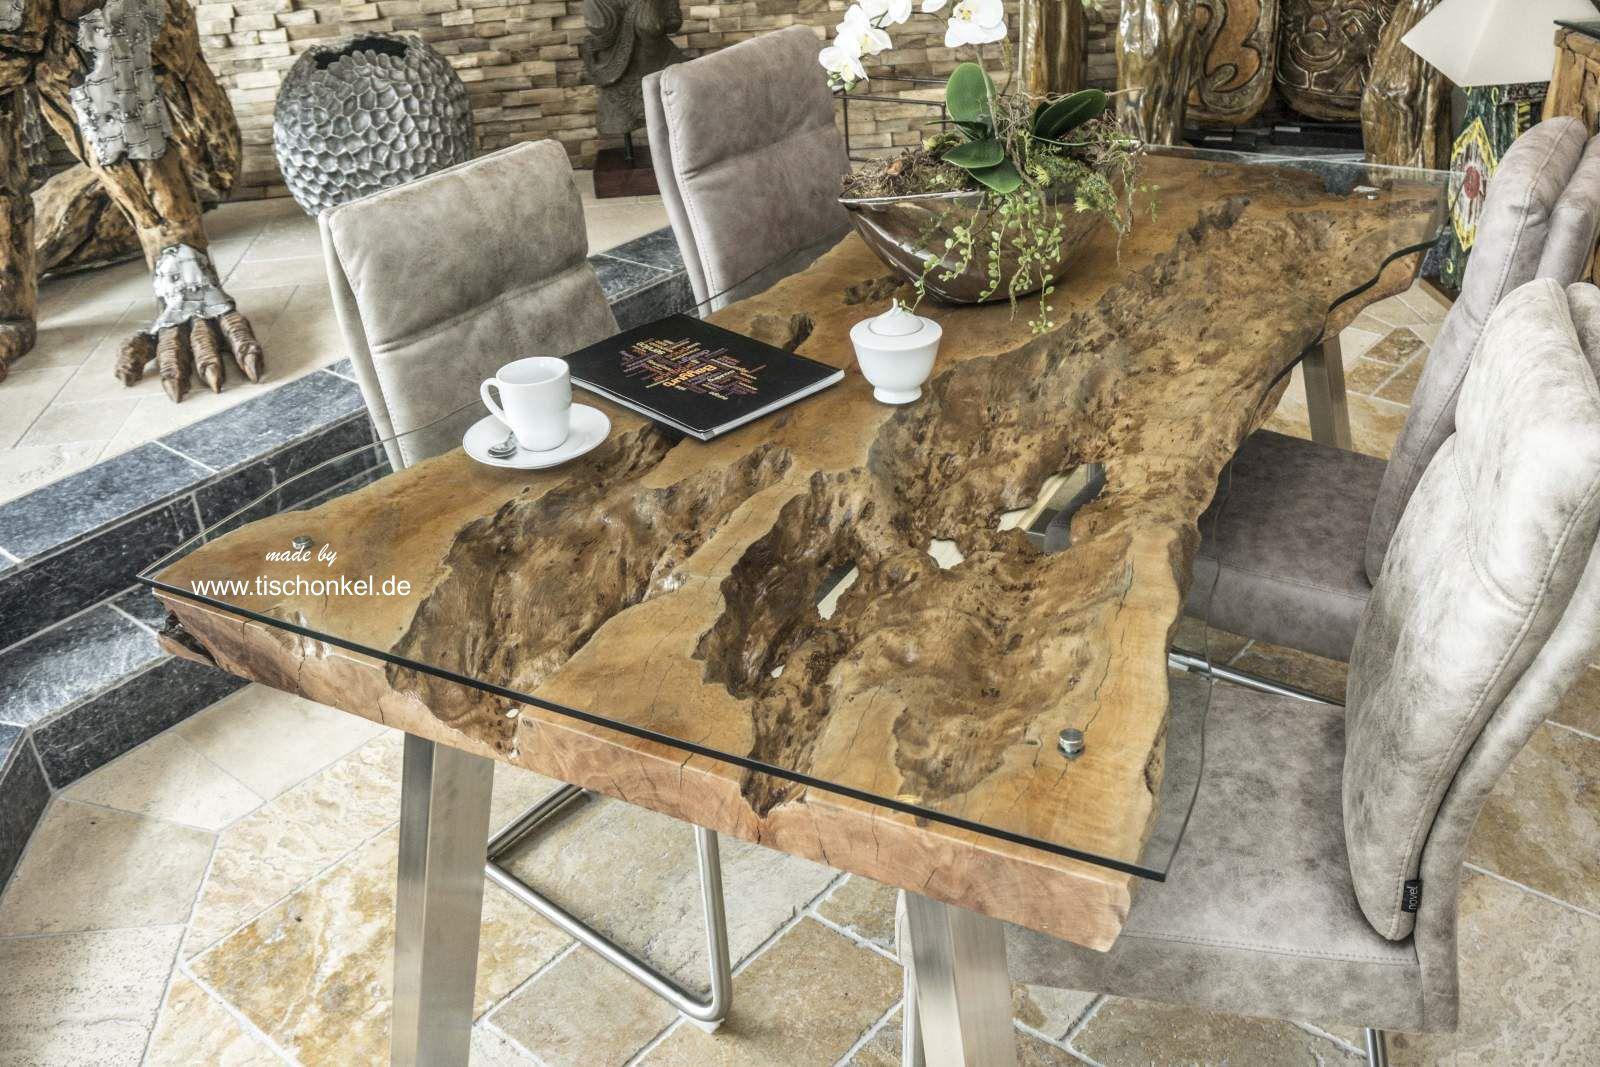 Aussergewohnlicher Esstisch Von Gerken Wohndesign Der Tischonkel